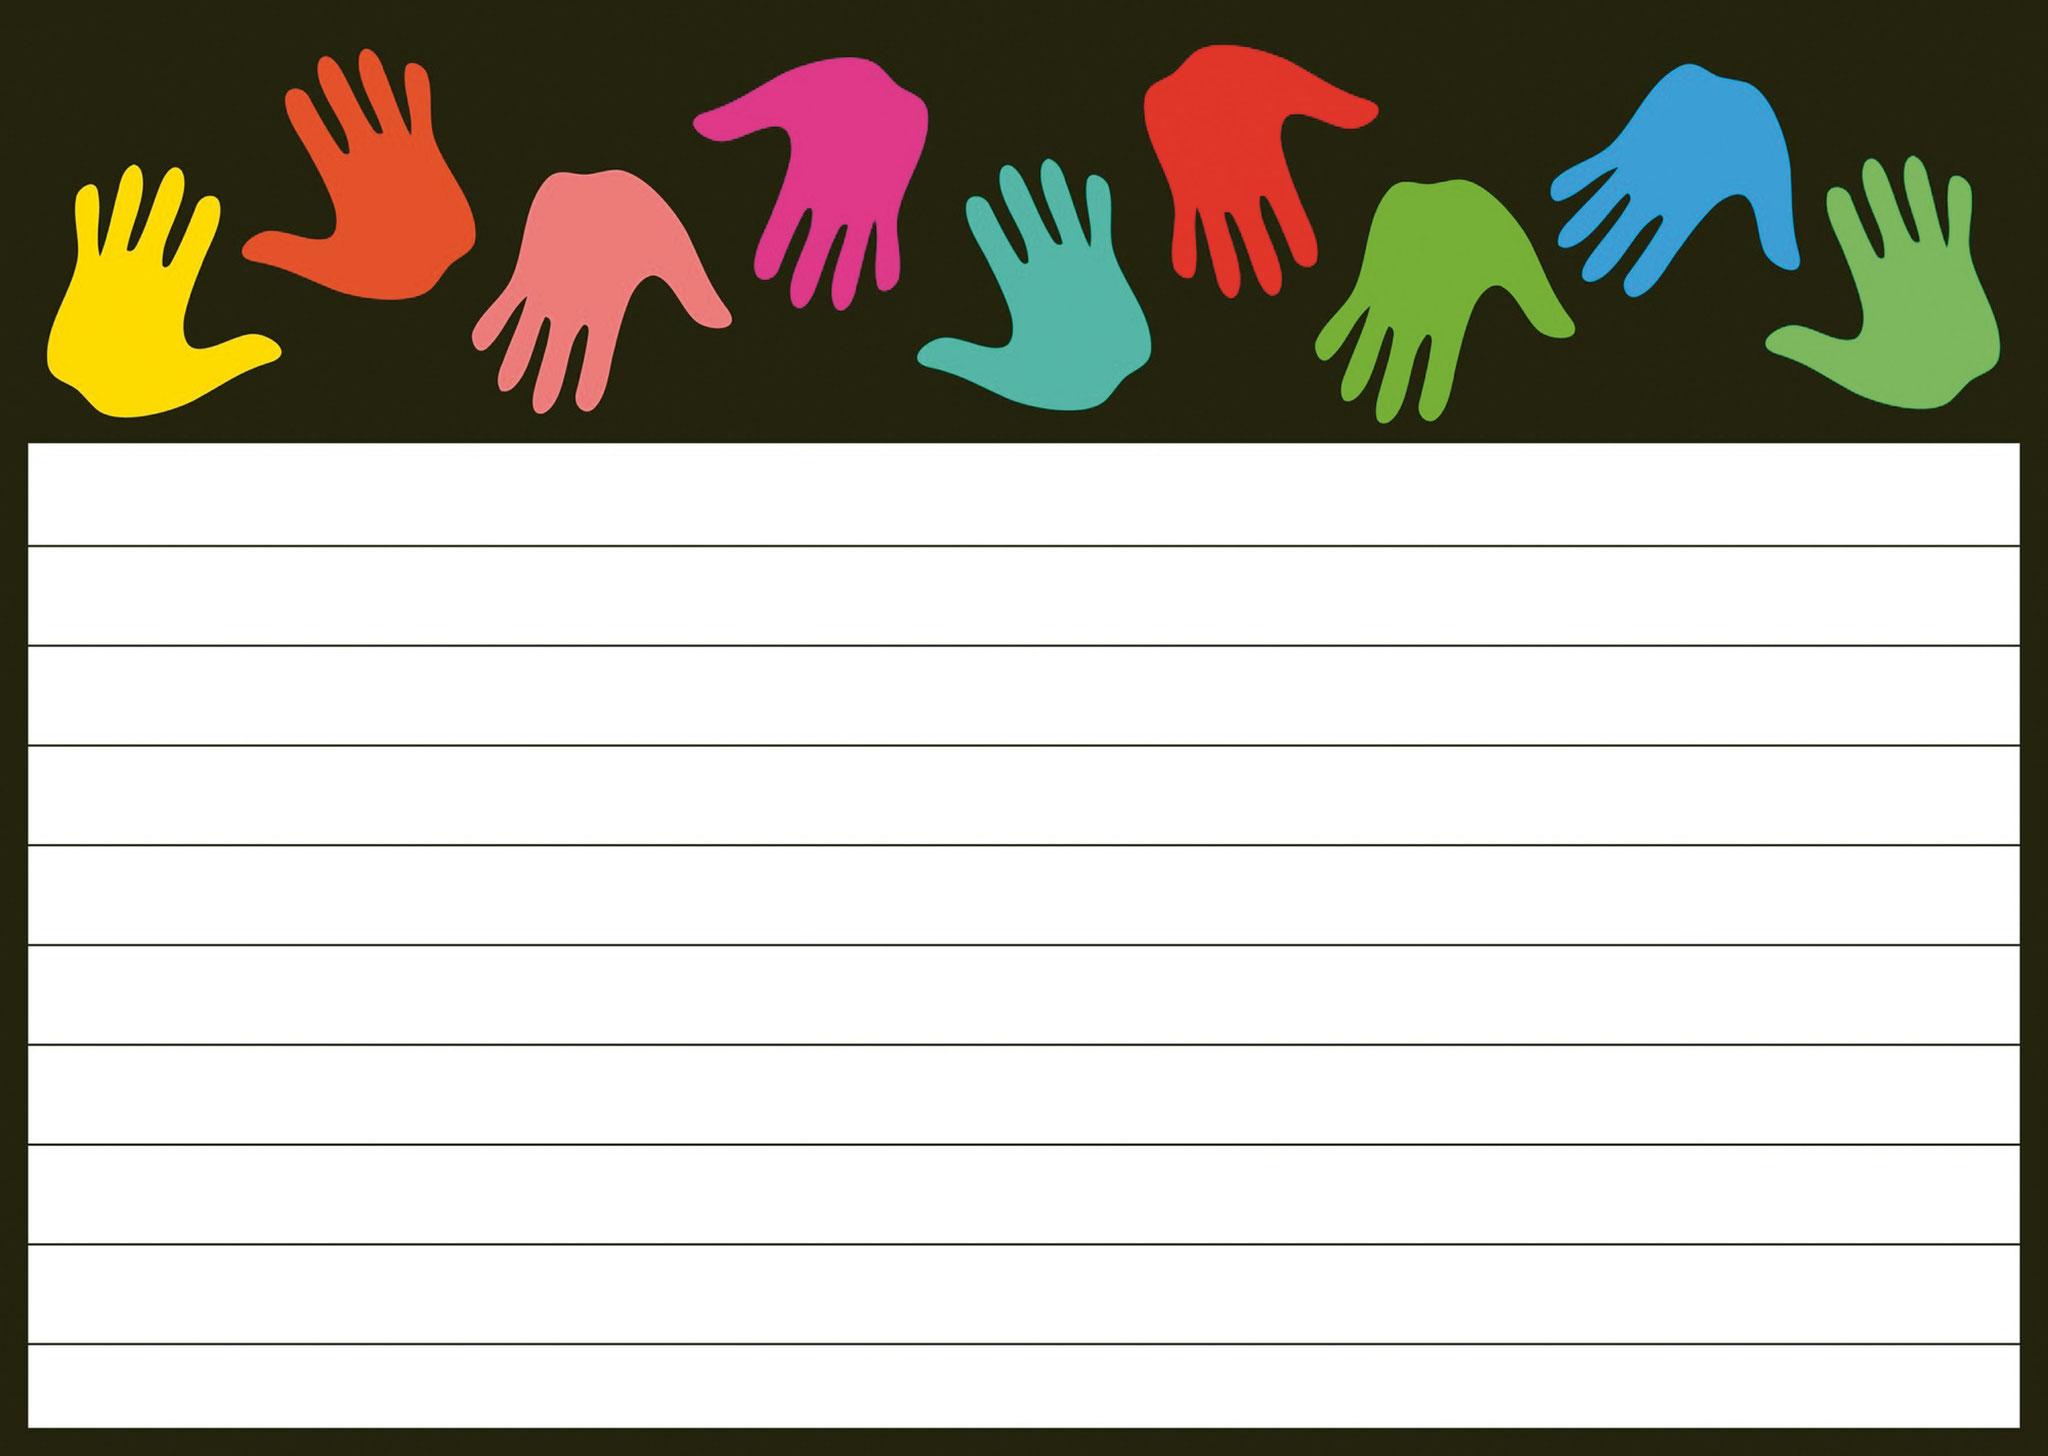 Briefpapier Hände